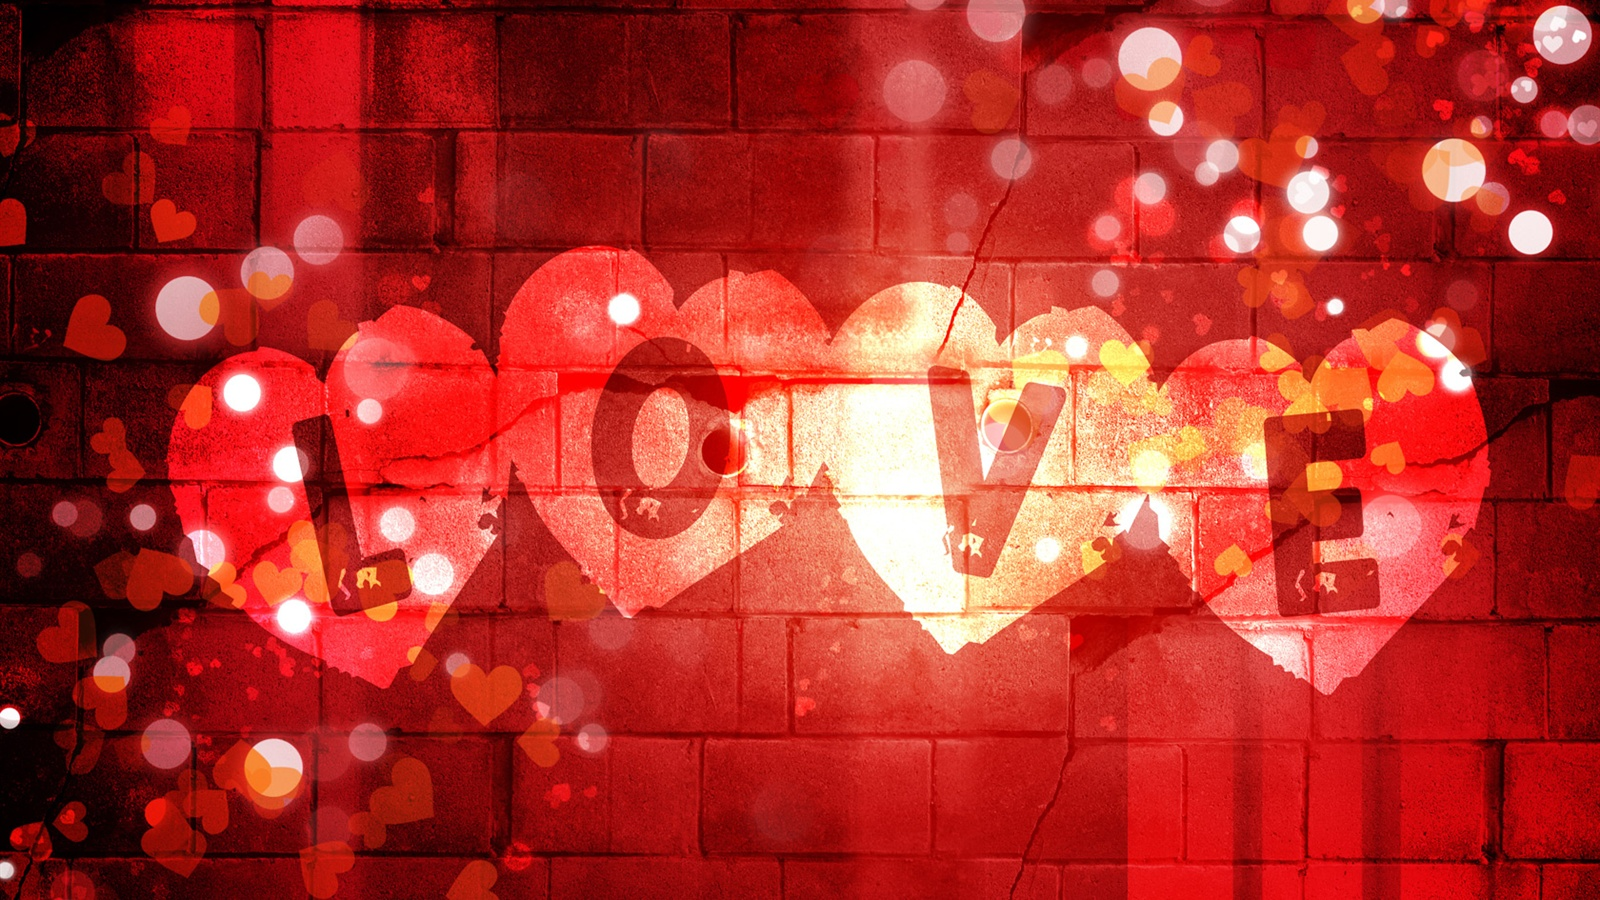 Обои с надписями про любовь для стен, своей фото